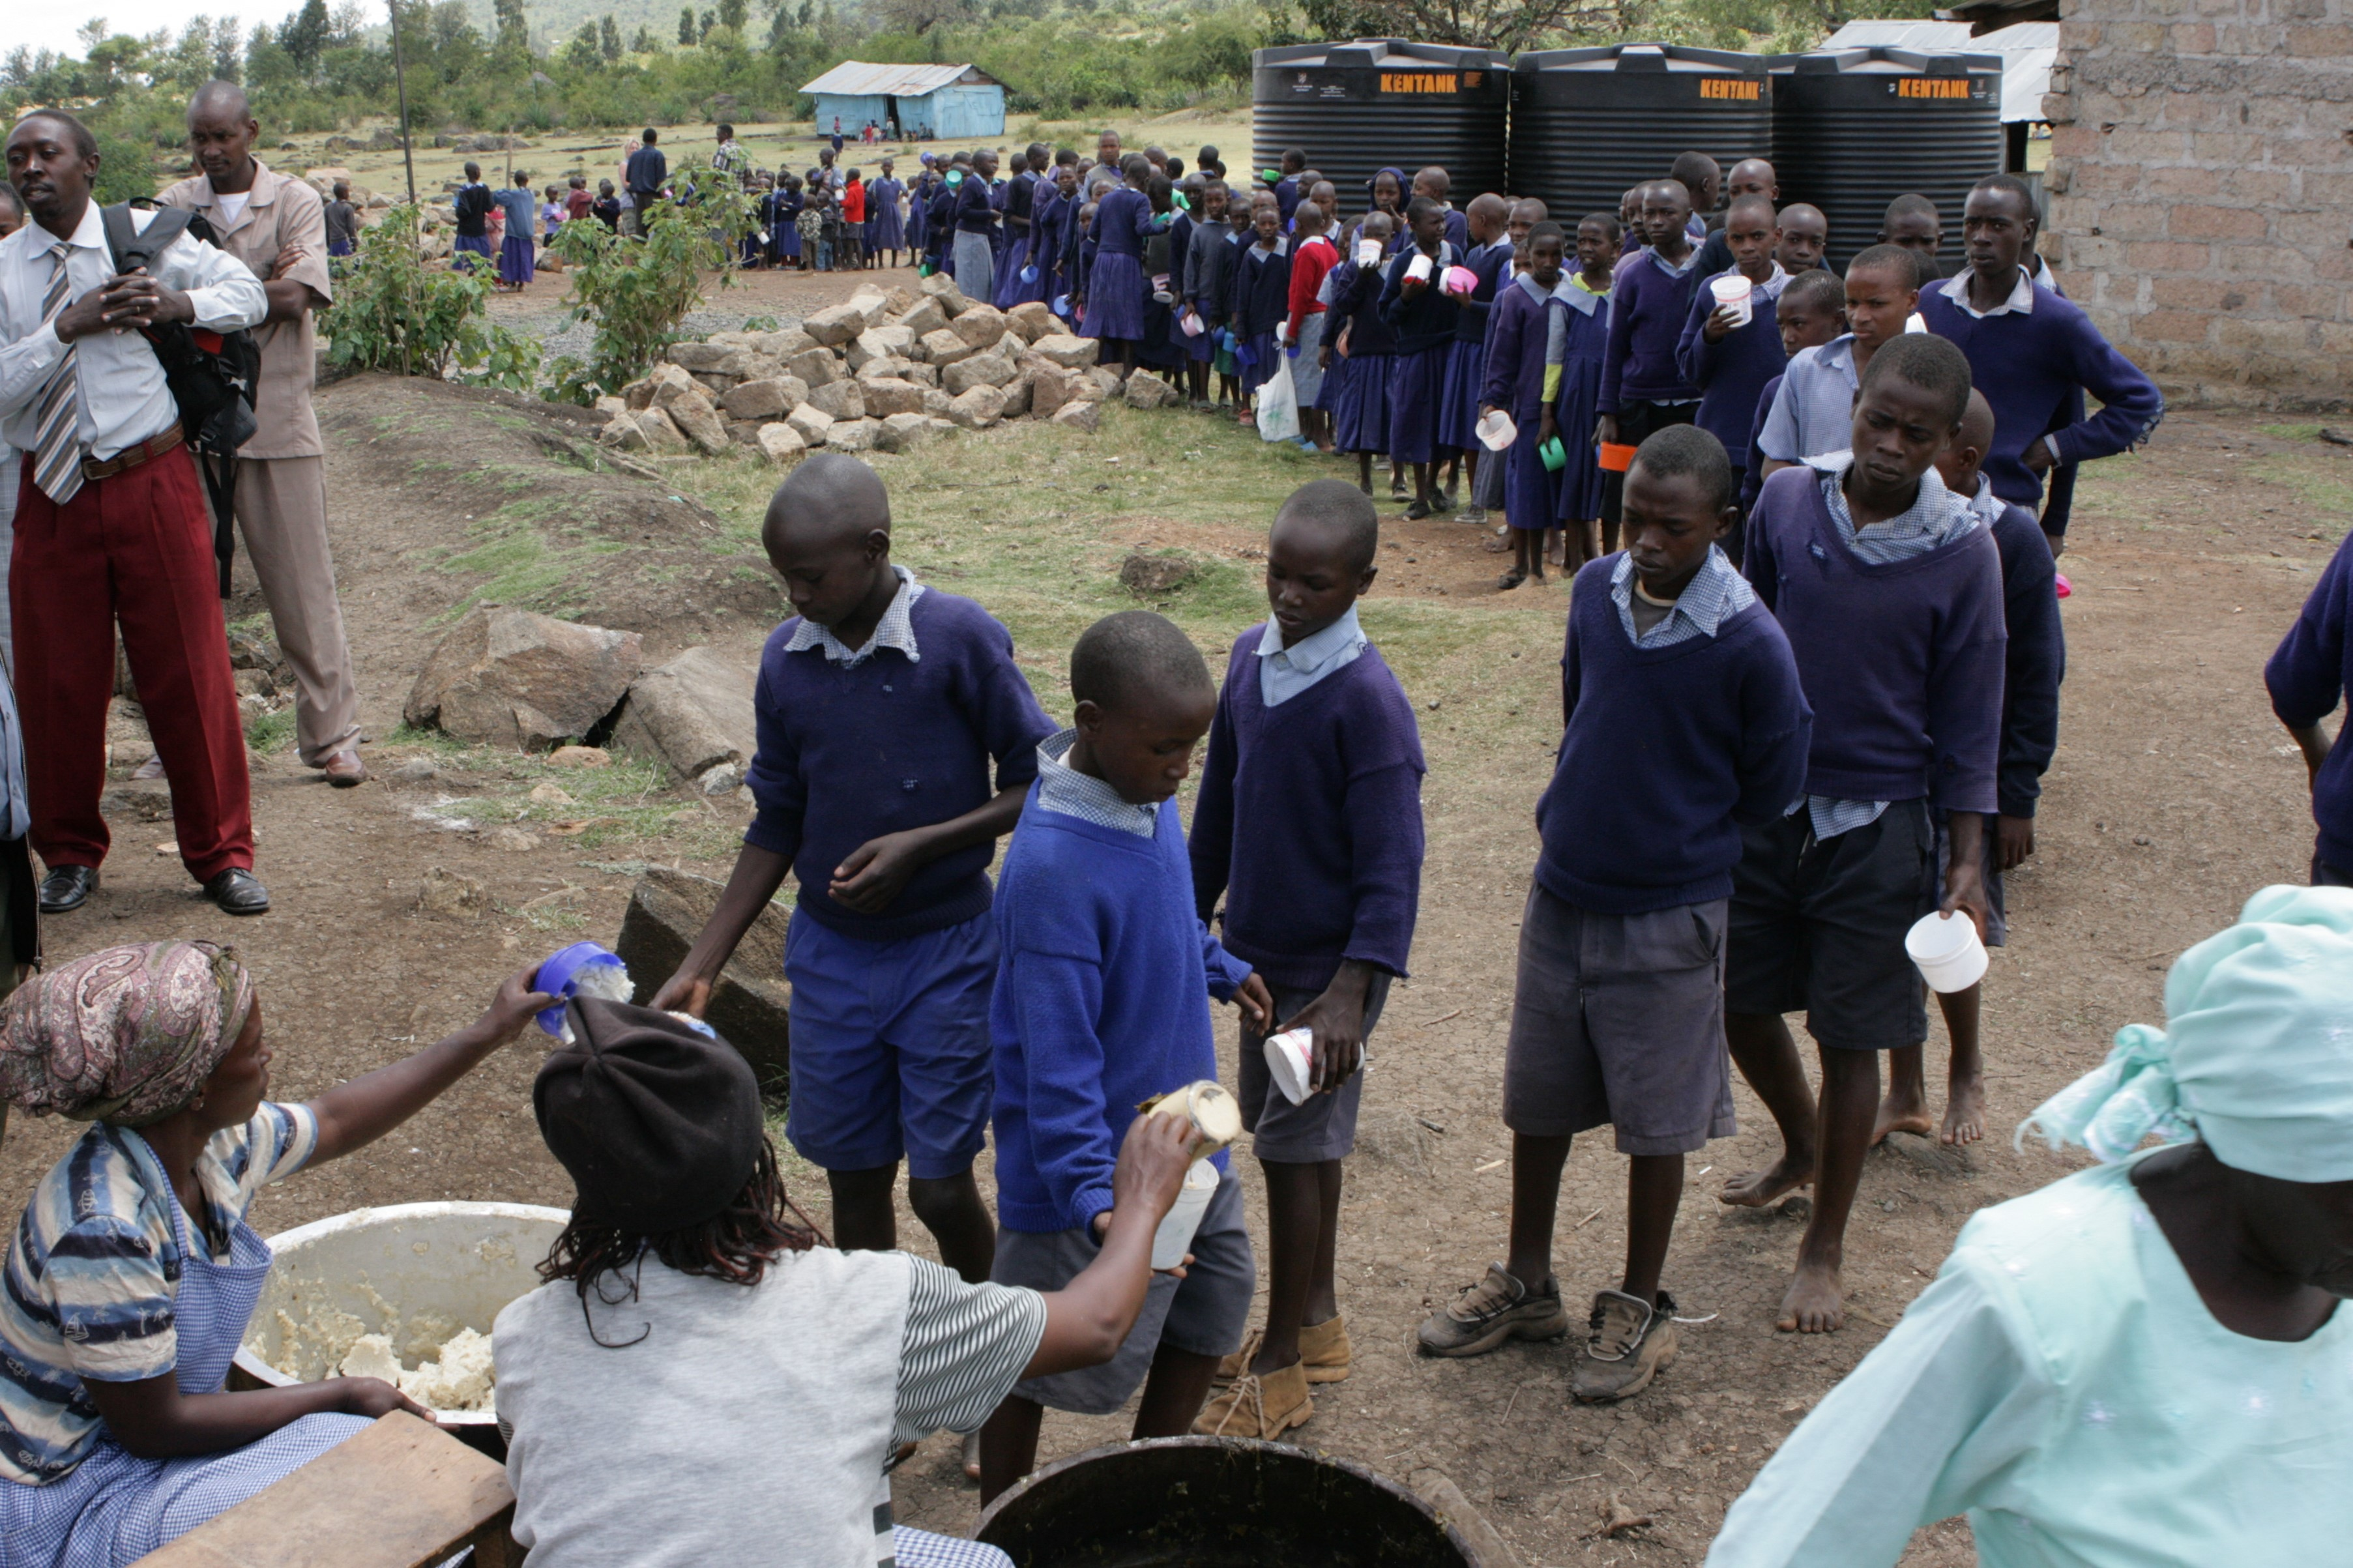 Elke dag lopen circa driehonderd kinderen vaak meer dan een uur, soms op blote voeten door de modder, naar een schoolgebouwtje. Zij weten dat zij daar een voedzame maaltijd krijgen en daarnaast ook nog leren lezen, schrijven en rekenen. (Foto: aangeleverd)